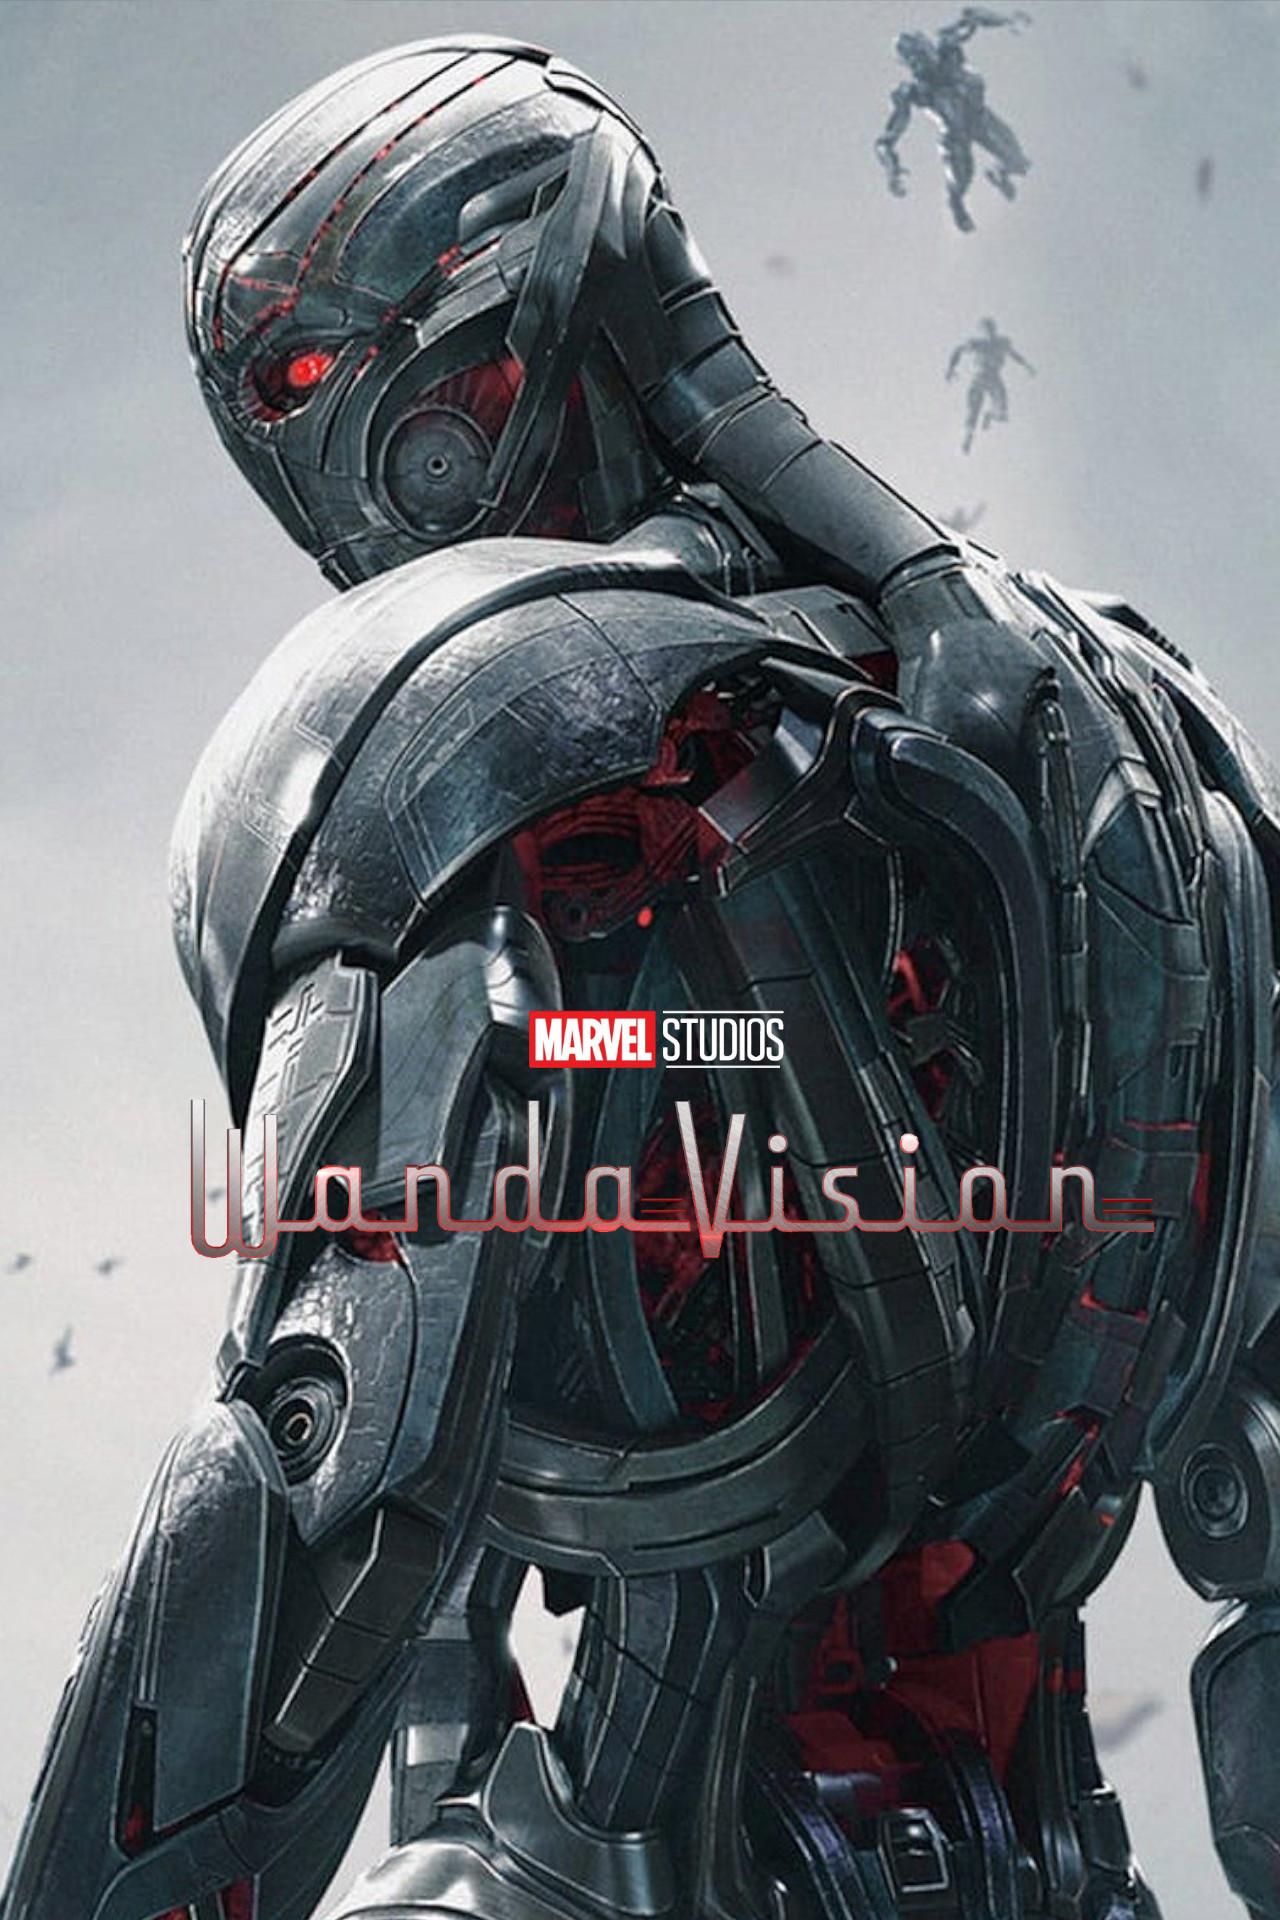 O exto episódio de WandaVision já está disponível e com ele os fãs estão criando teorias envolvendo a SWORD e uma possível tentativa de reestruturar ou recriar Ultron.